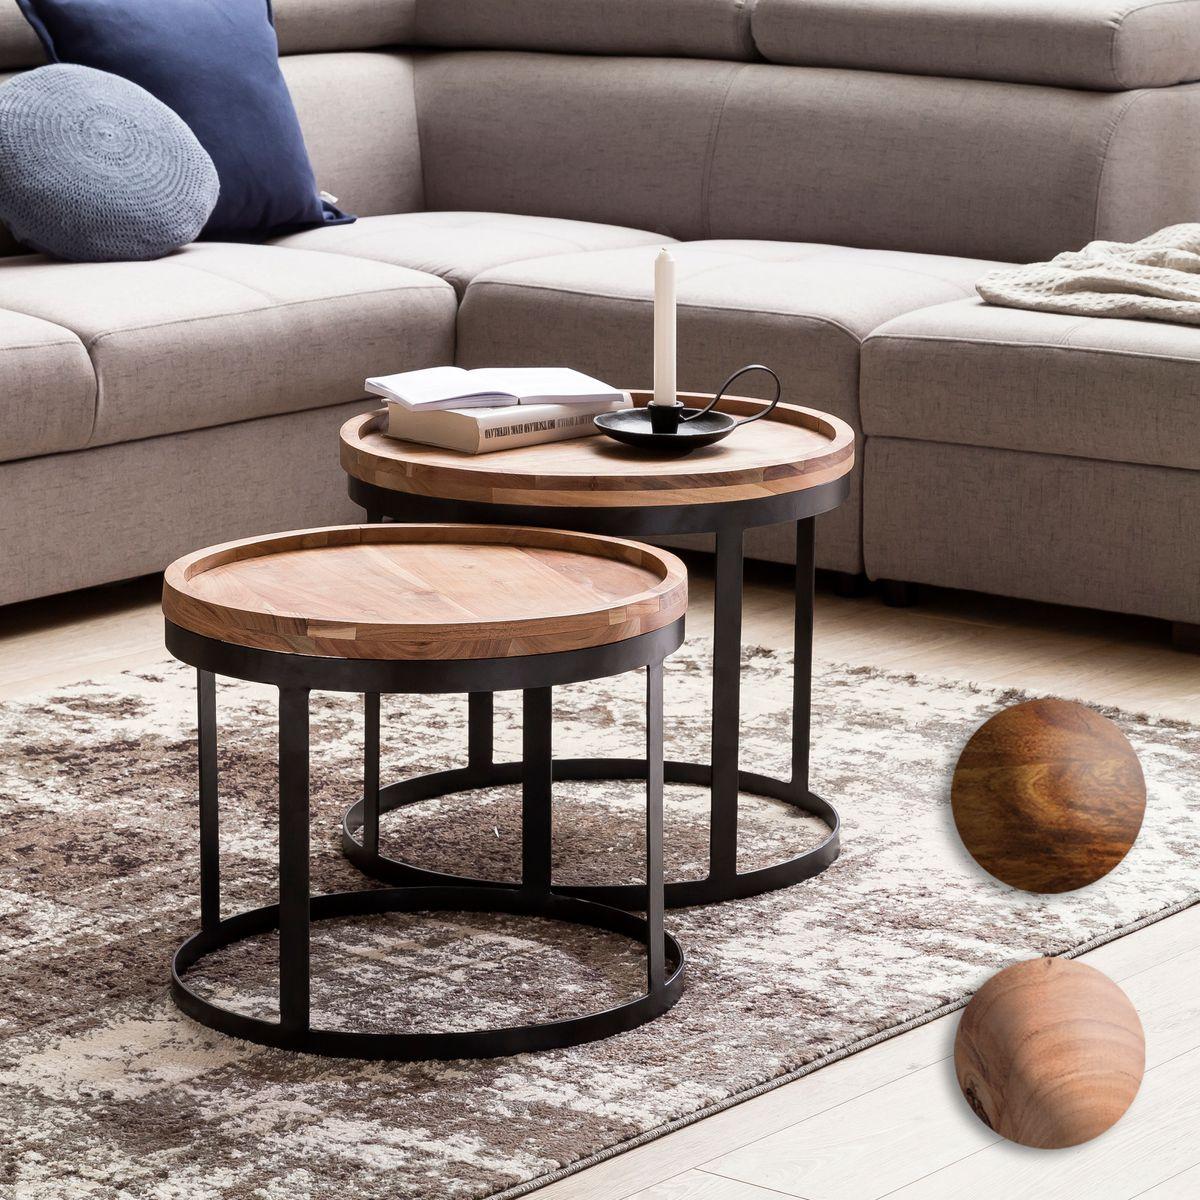 Finebuy 2er set beistelltische massivholz wohnzimmertisch for Wohnzimmertisch 2er set